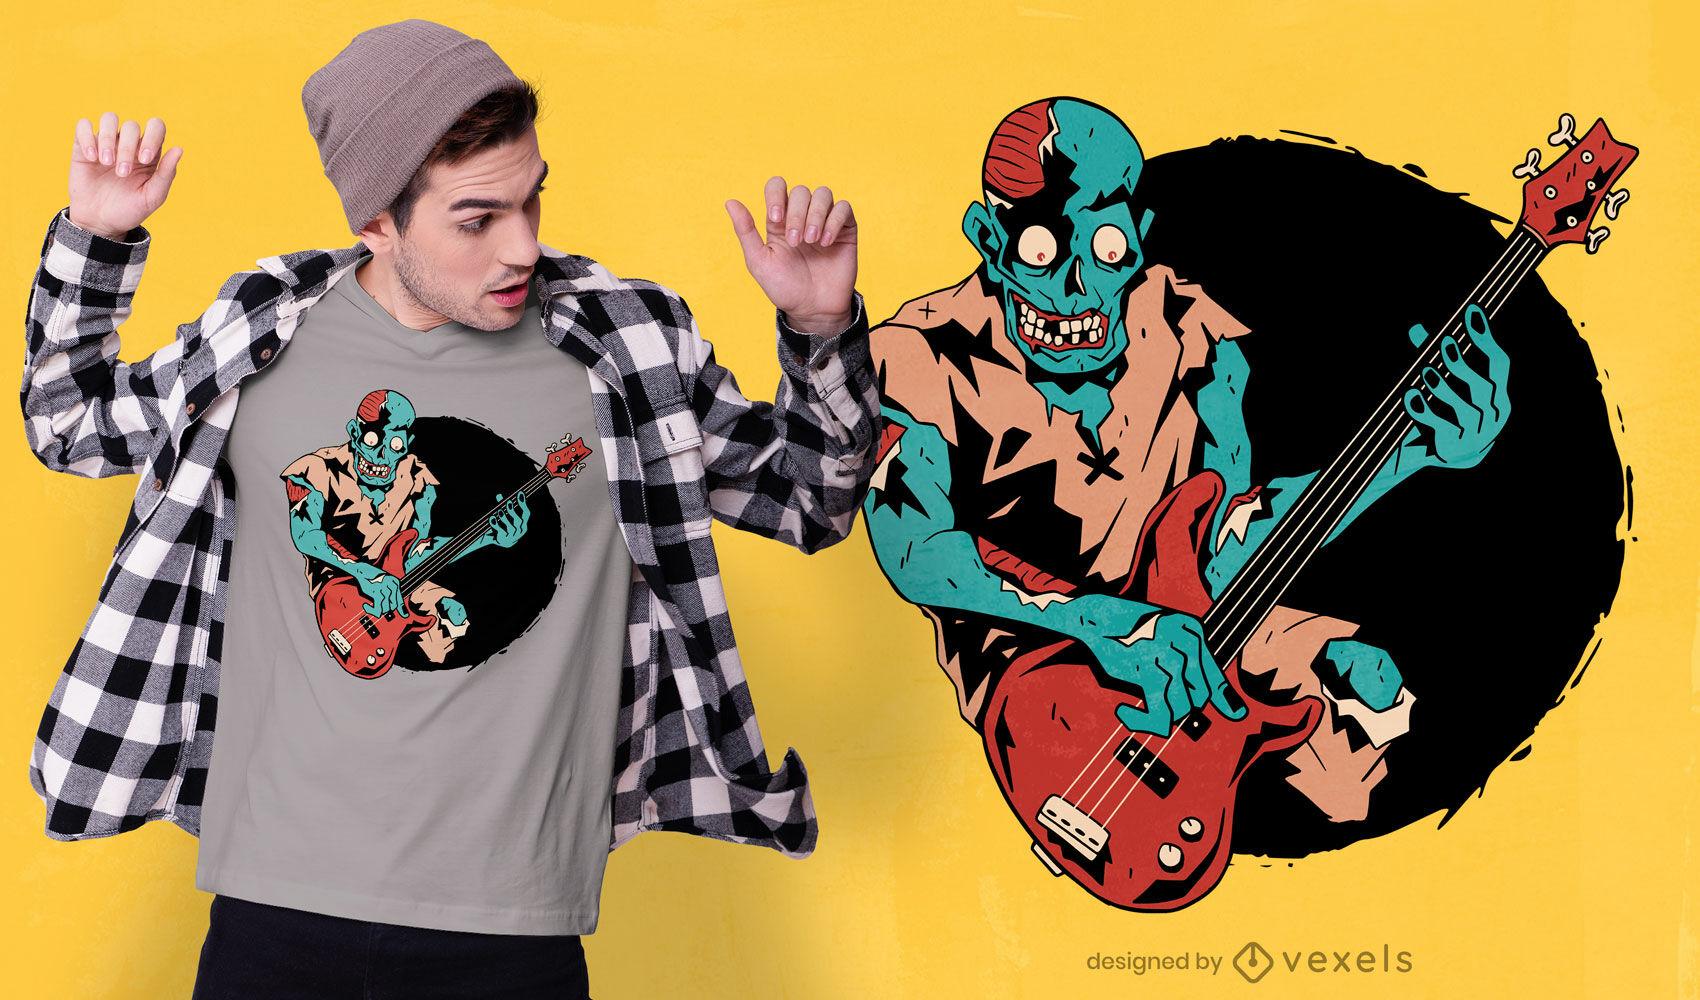 Diseño de camiseta de músico de bajista zombie.